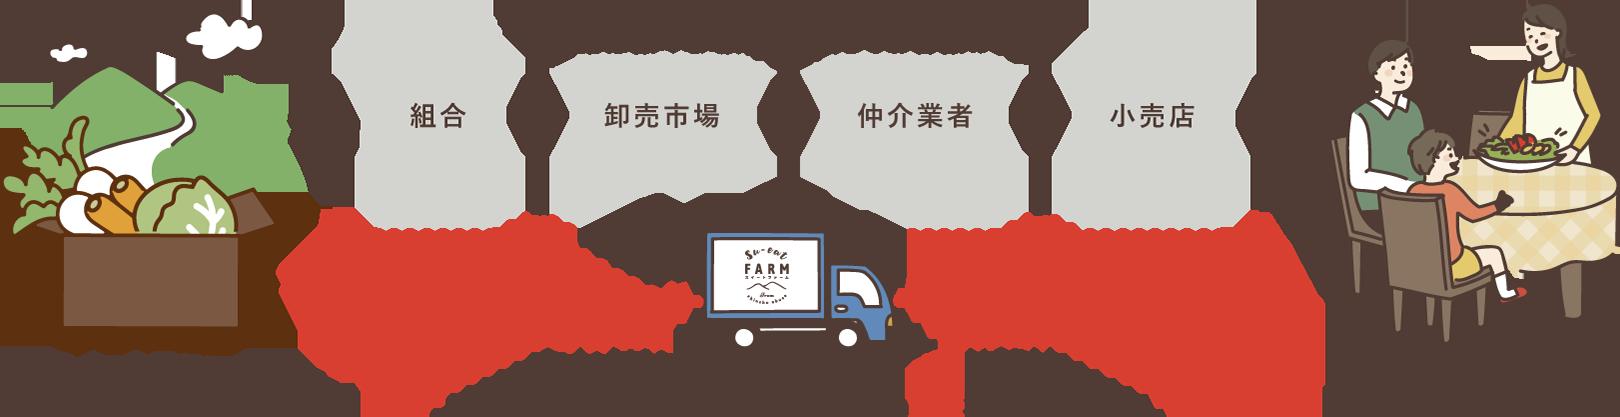 長野県小布施町・鮮度に自信!産地直送の梨通販ショップ|Su-eat Farm Pear(スイートファーム・梨通販ショップ)|スイートファームは生産農家から直接お届けいたします!